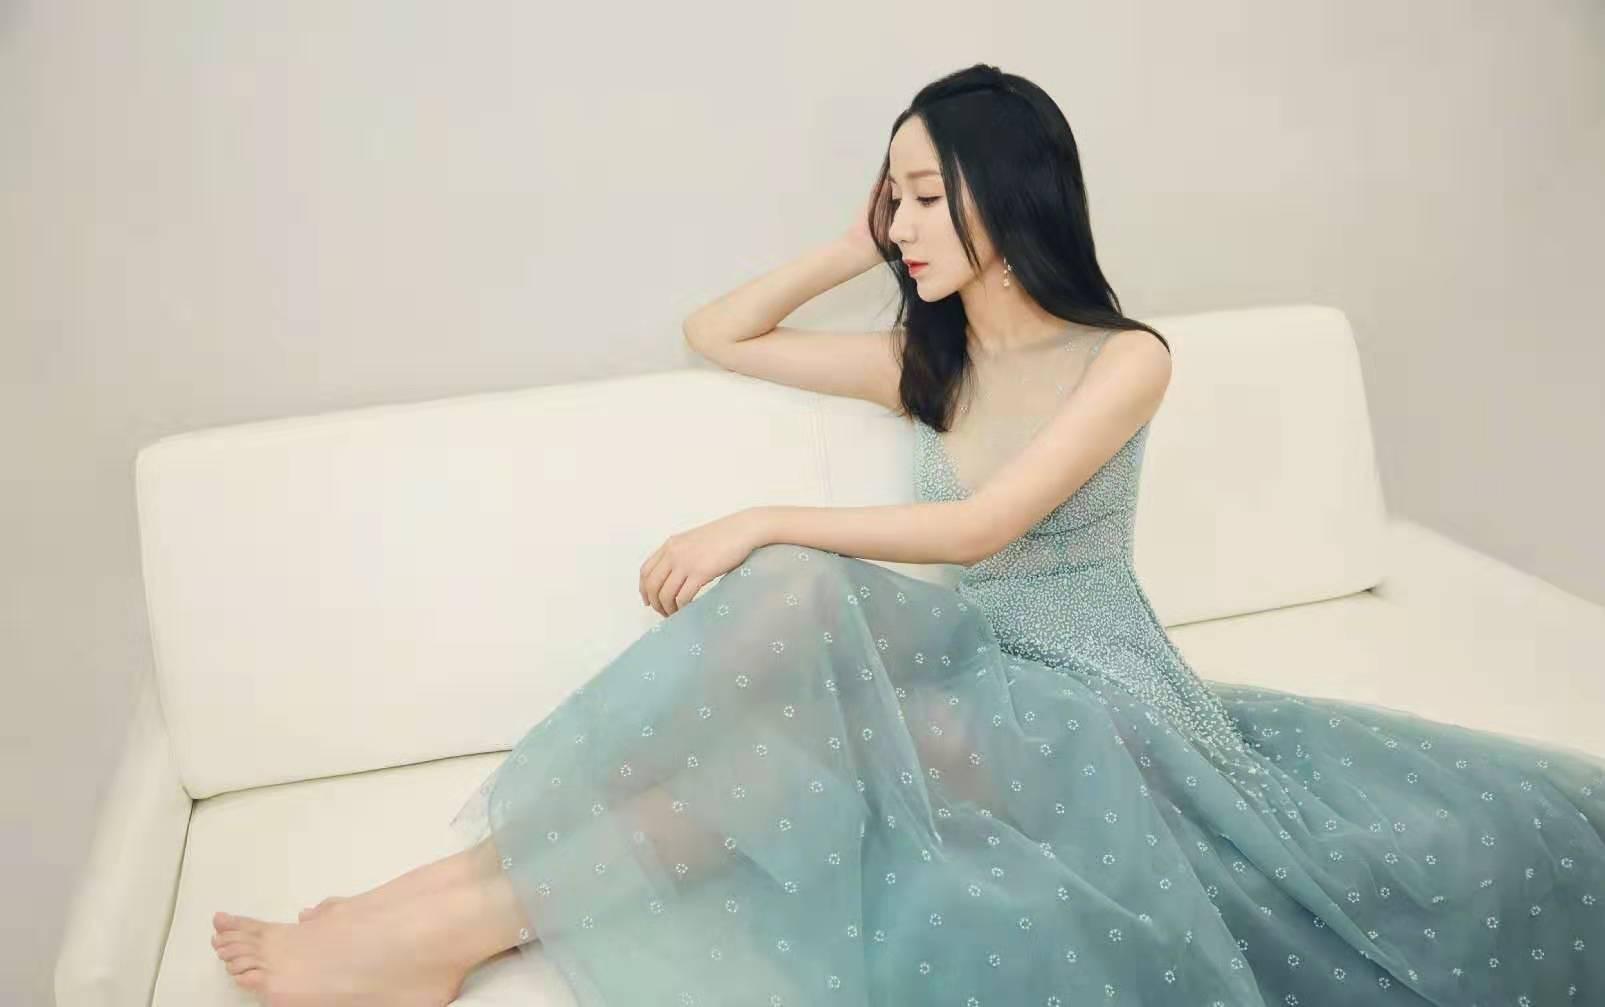 31岁娄艺潇气质不能再温柔,薄荷绿无袖连衣裙,胳膊纤细好吸睛